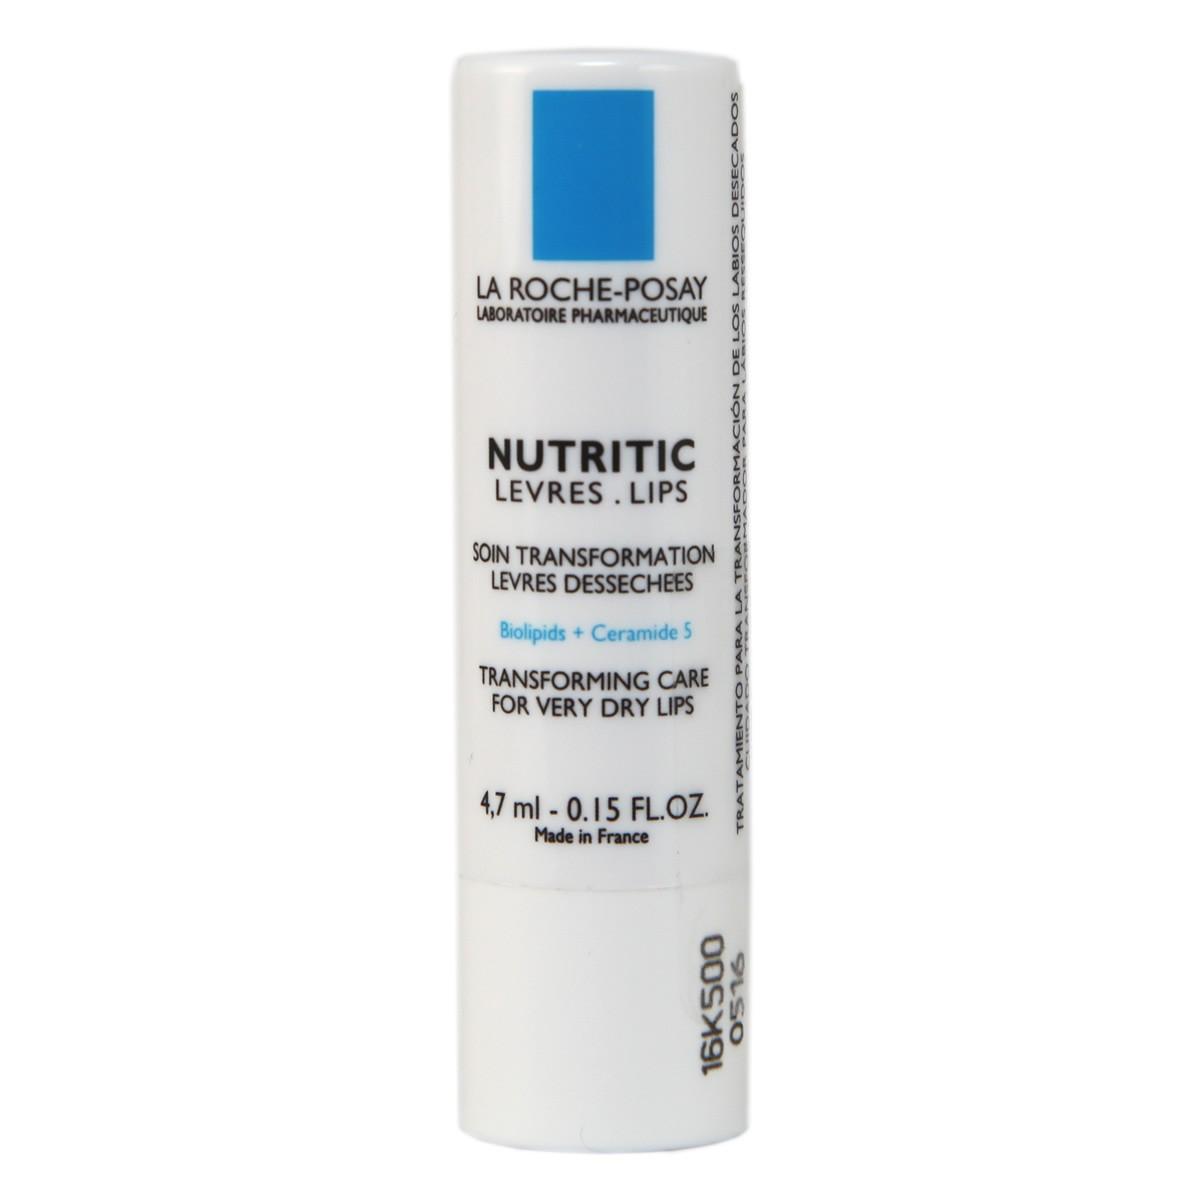 La Roche-Posay Nutritic Lip